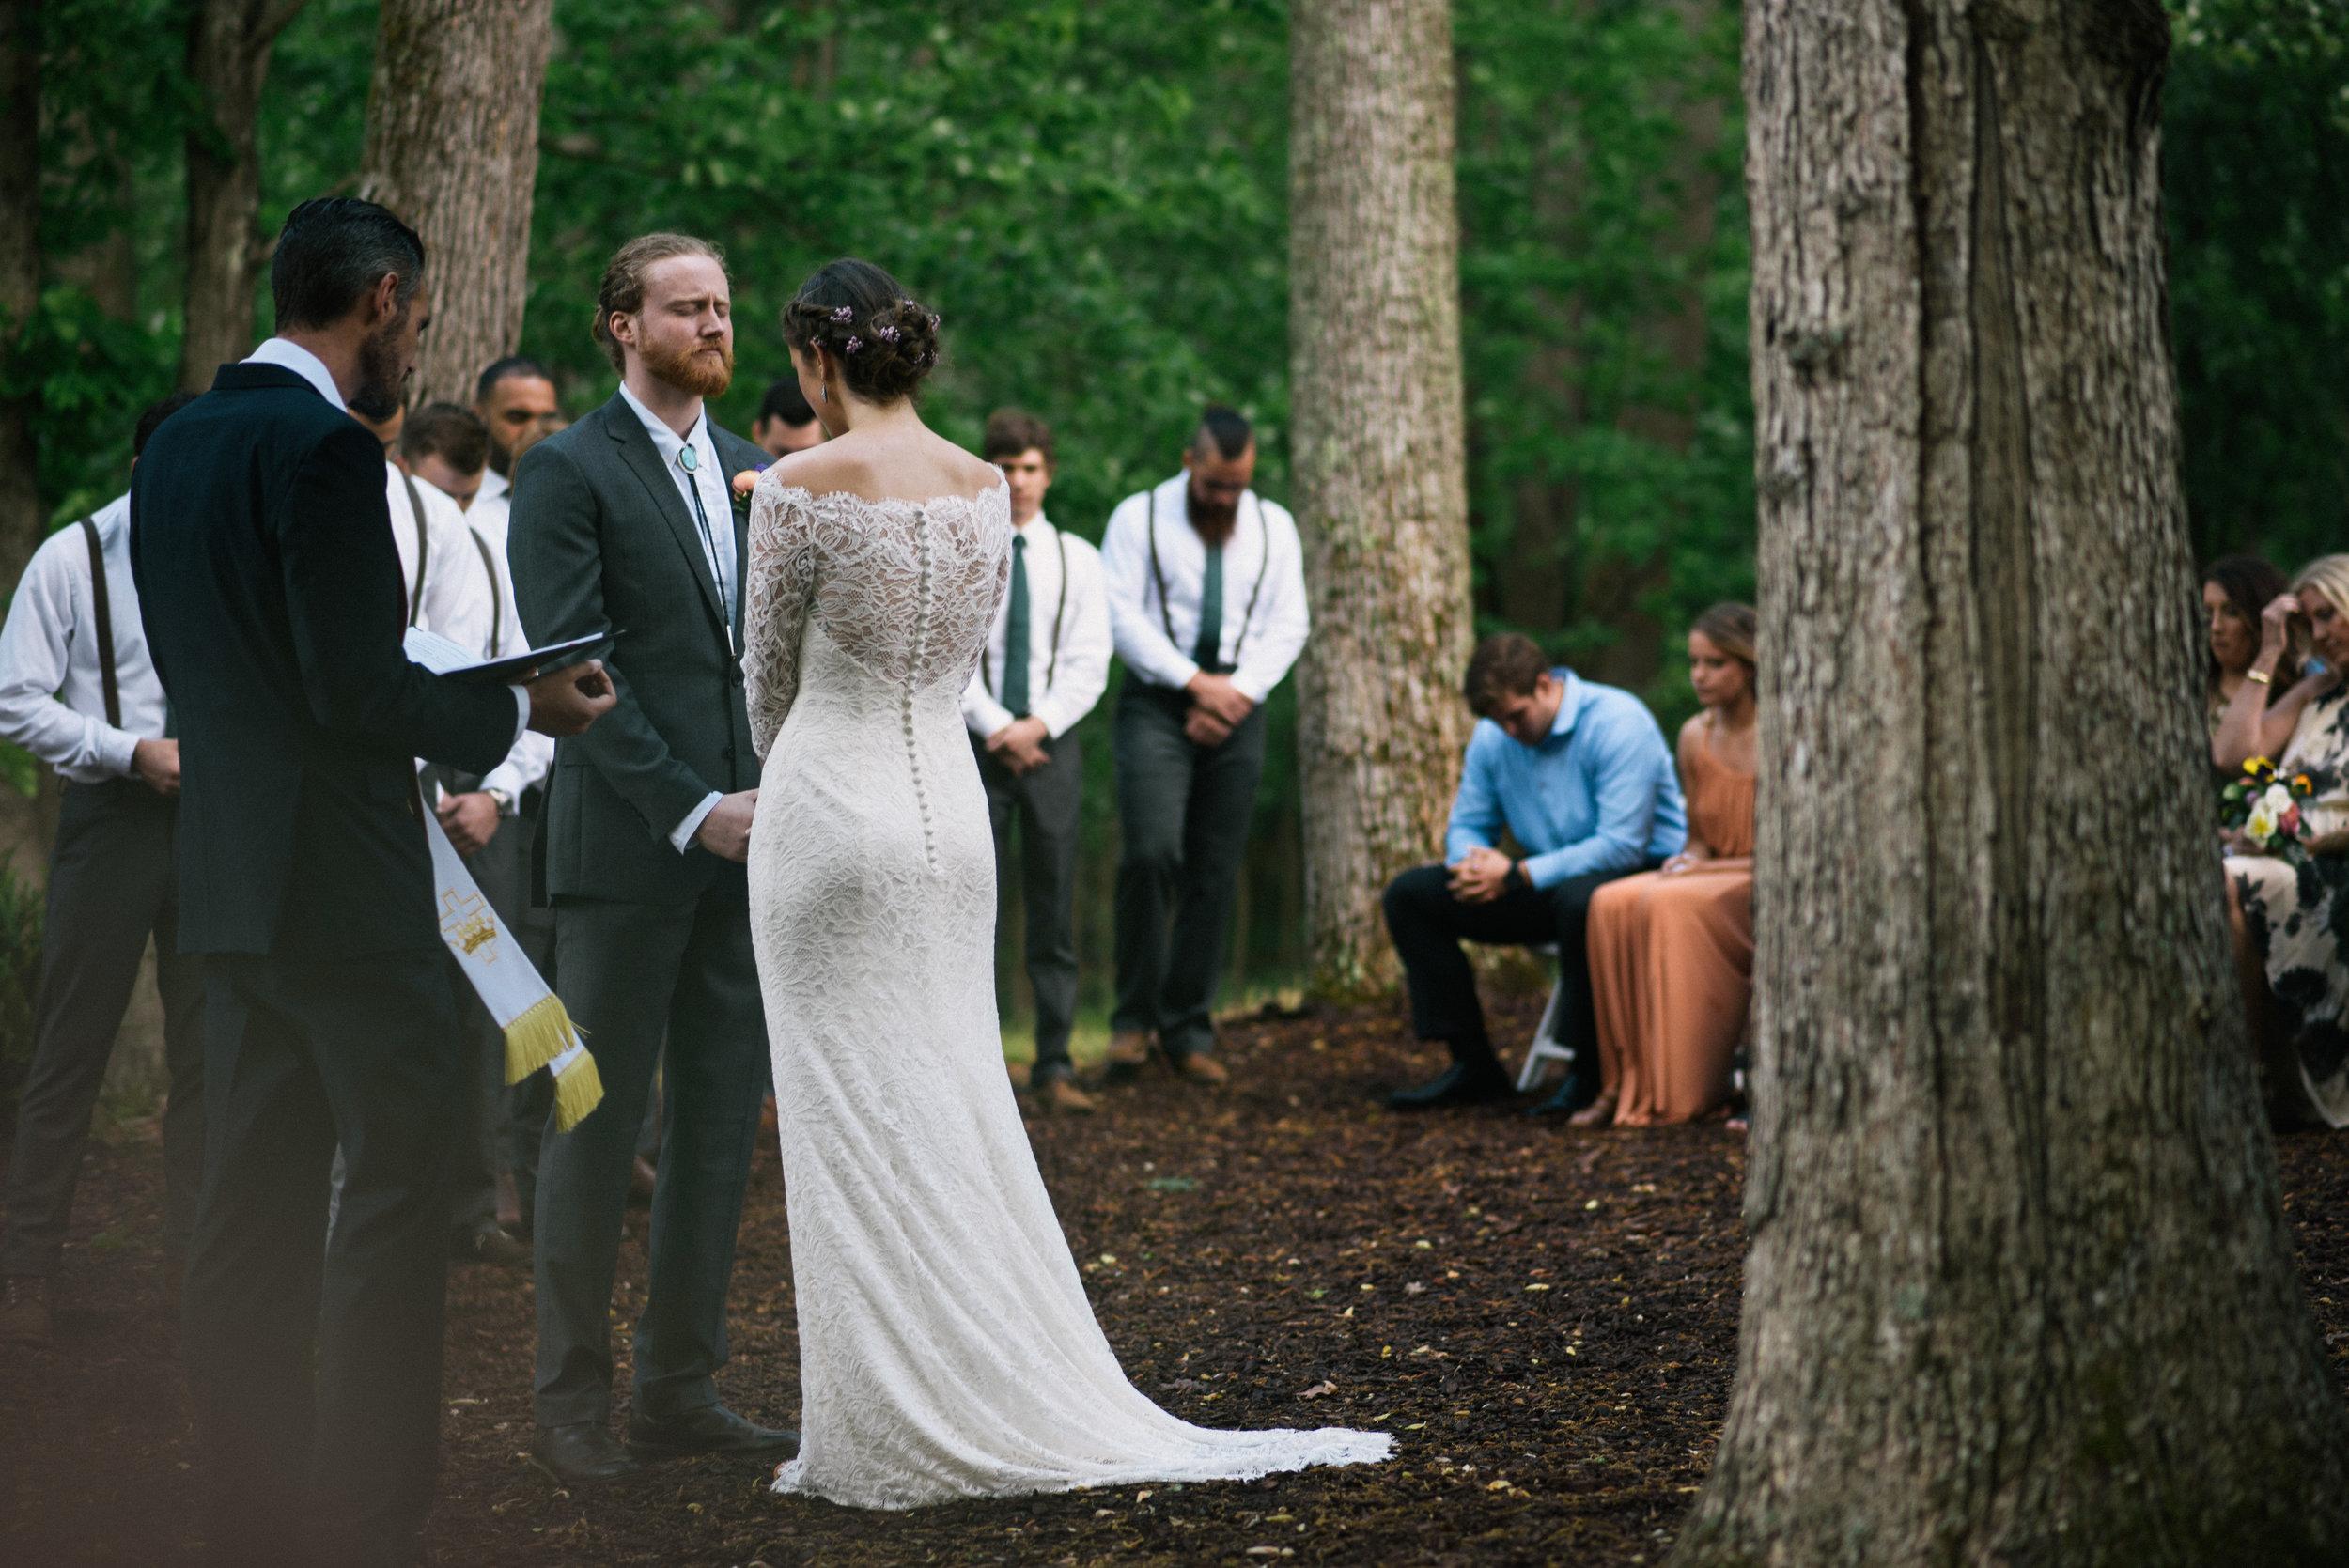 raleigh-elopement-photographer-raleigh-durham-wedding-maddie-and-devin- (108 of 162).jpg